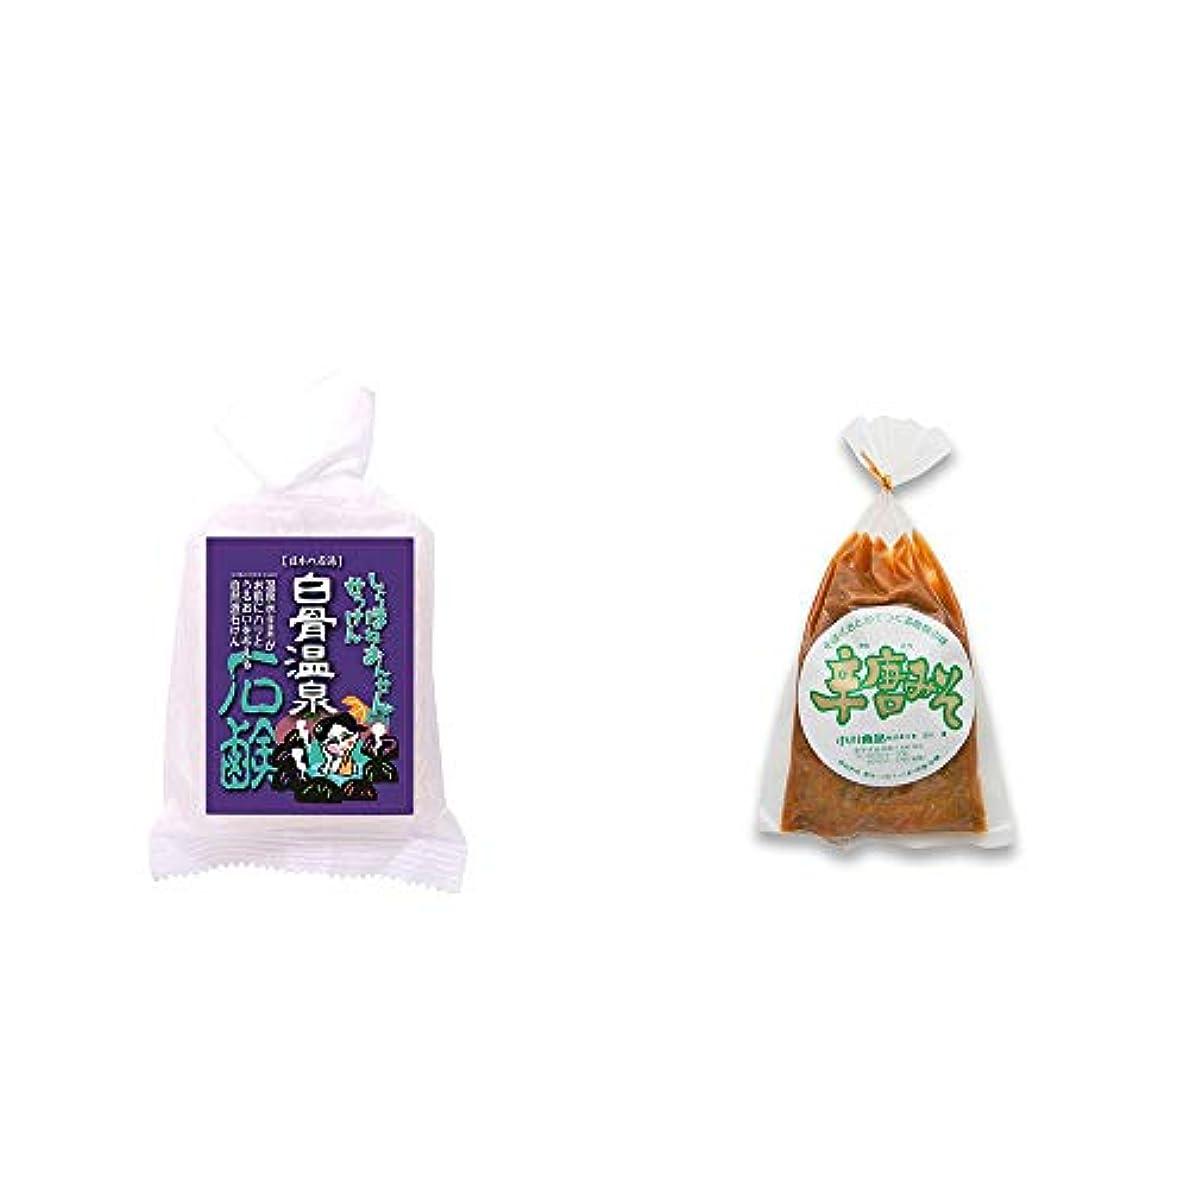 セクタ真珠のような位置づける[2点セット] 信州 白骨温泉石鹸(80g)?辛唐みそ(130g)